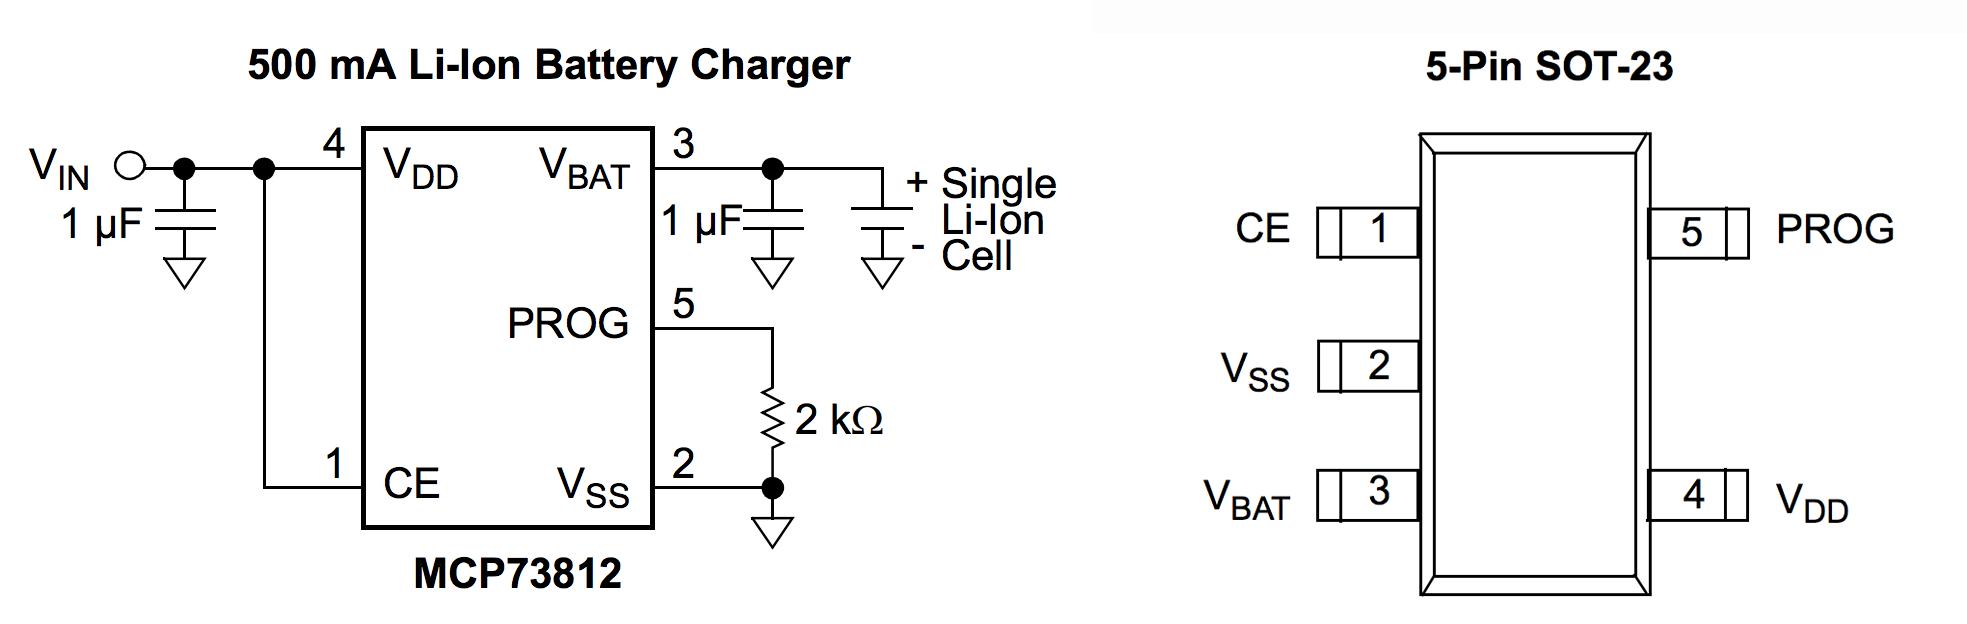 Простейшая схема зарядки для лития 3.7 В на MCP73812